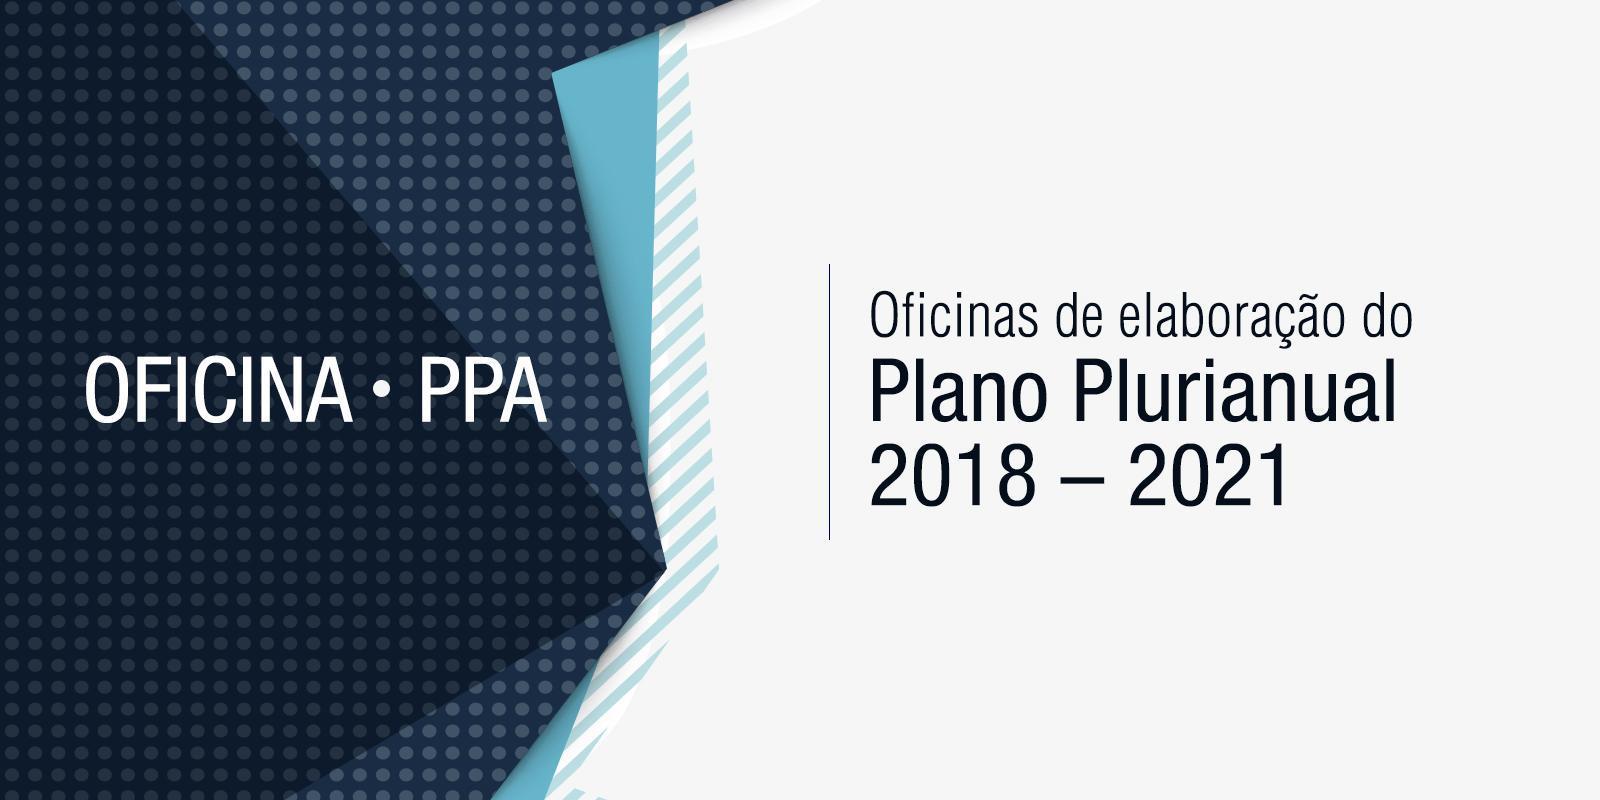 Oficinas - PPA (Plano Plurianual) 2018-2021